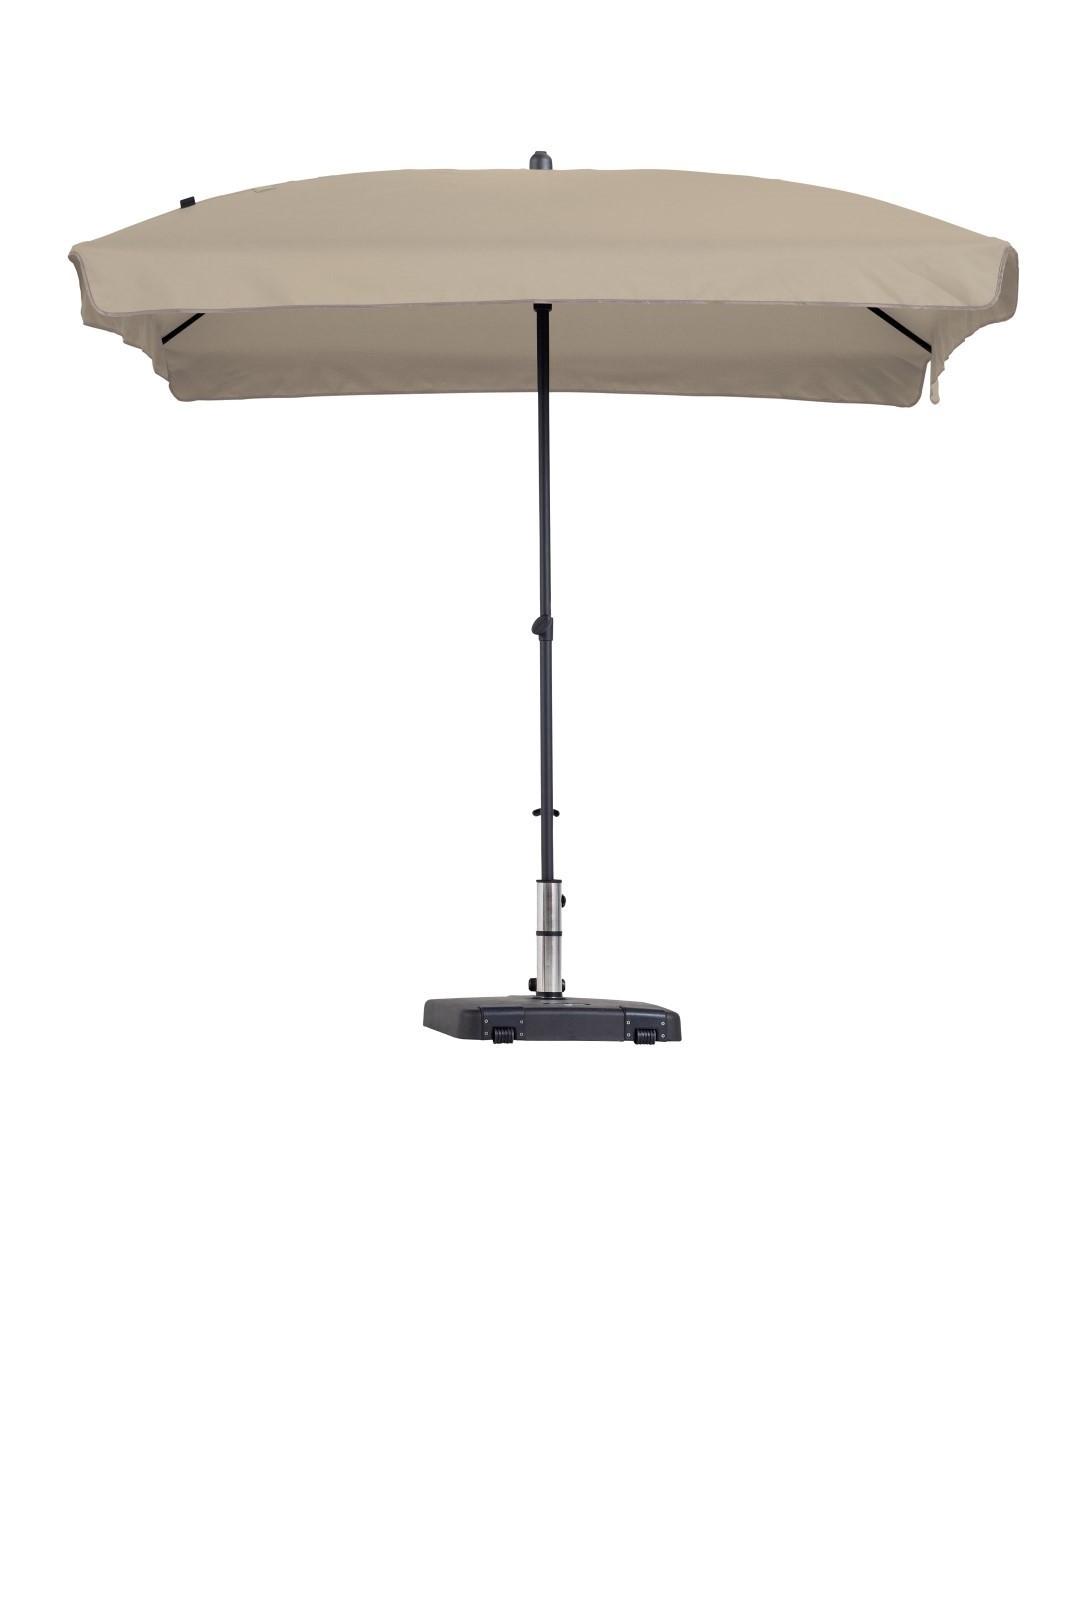 Patmos luxe 210x140 cm Polyester ecru